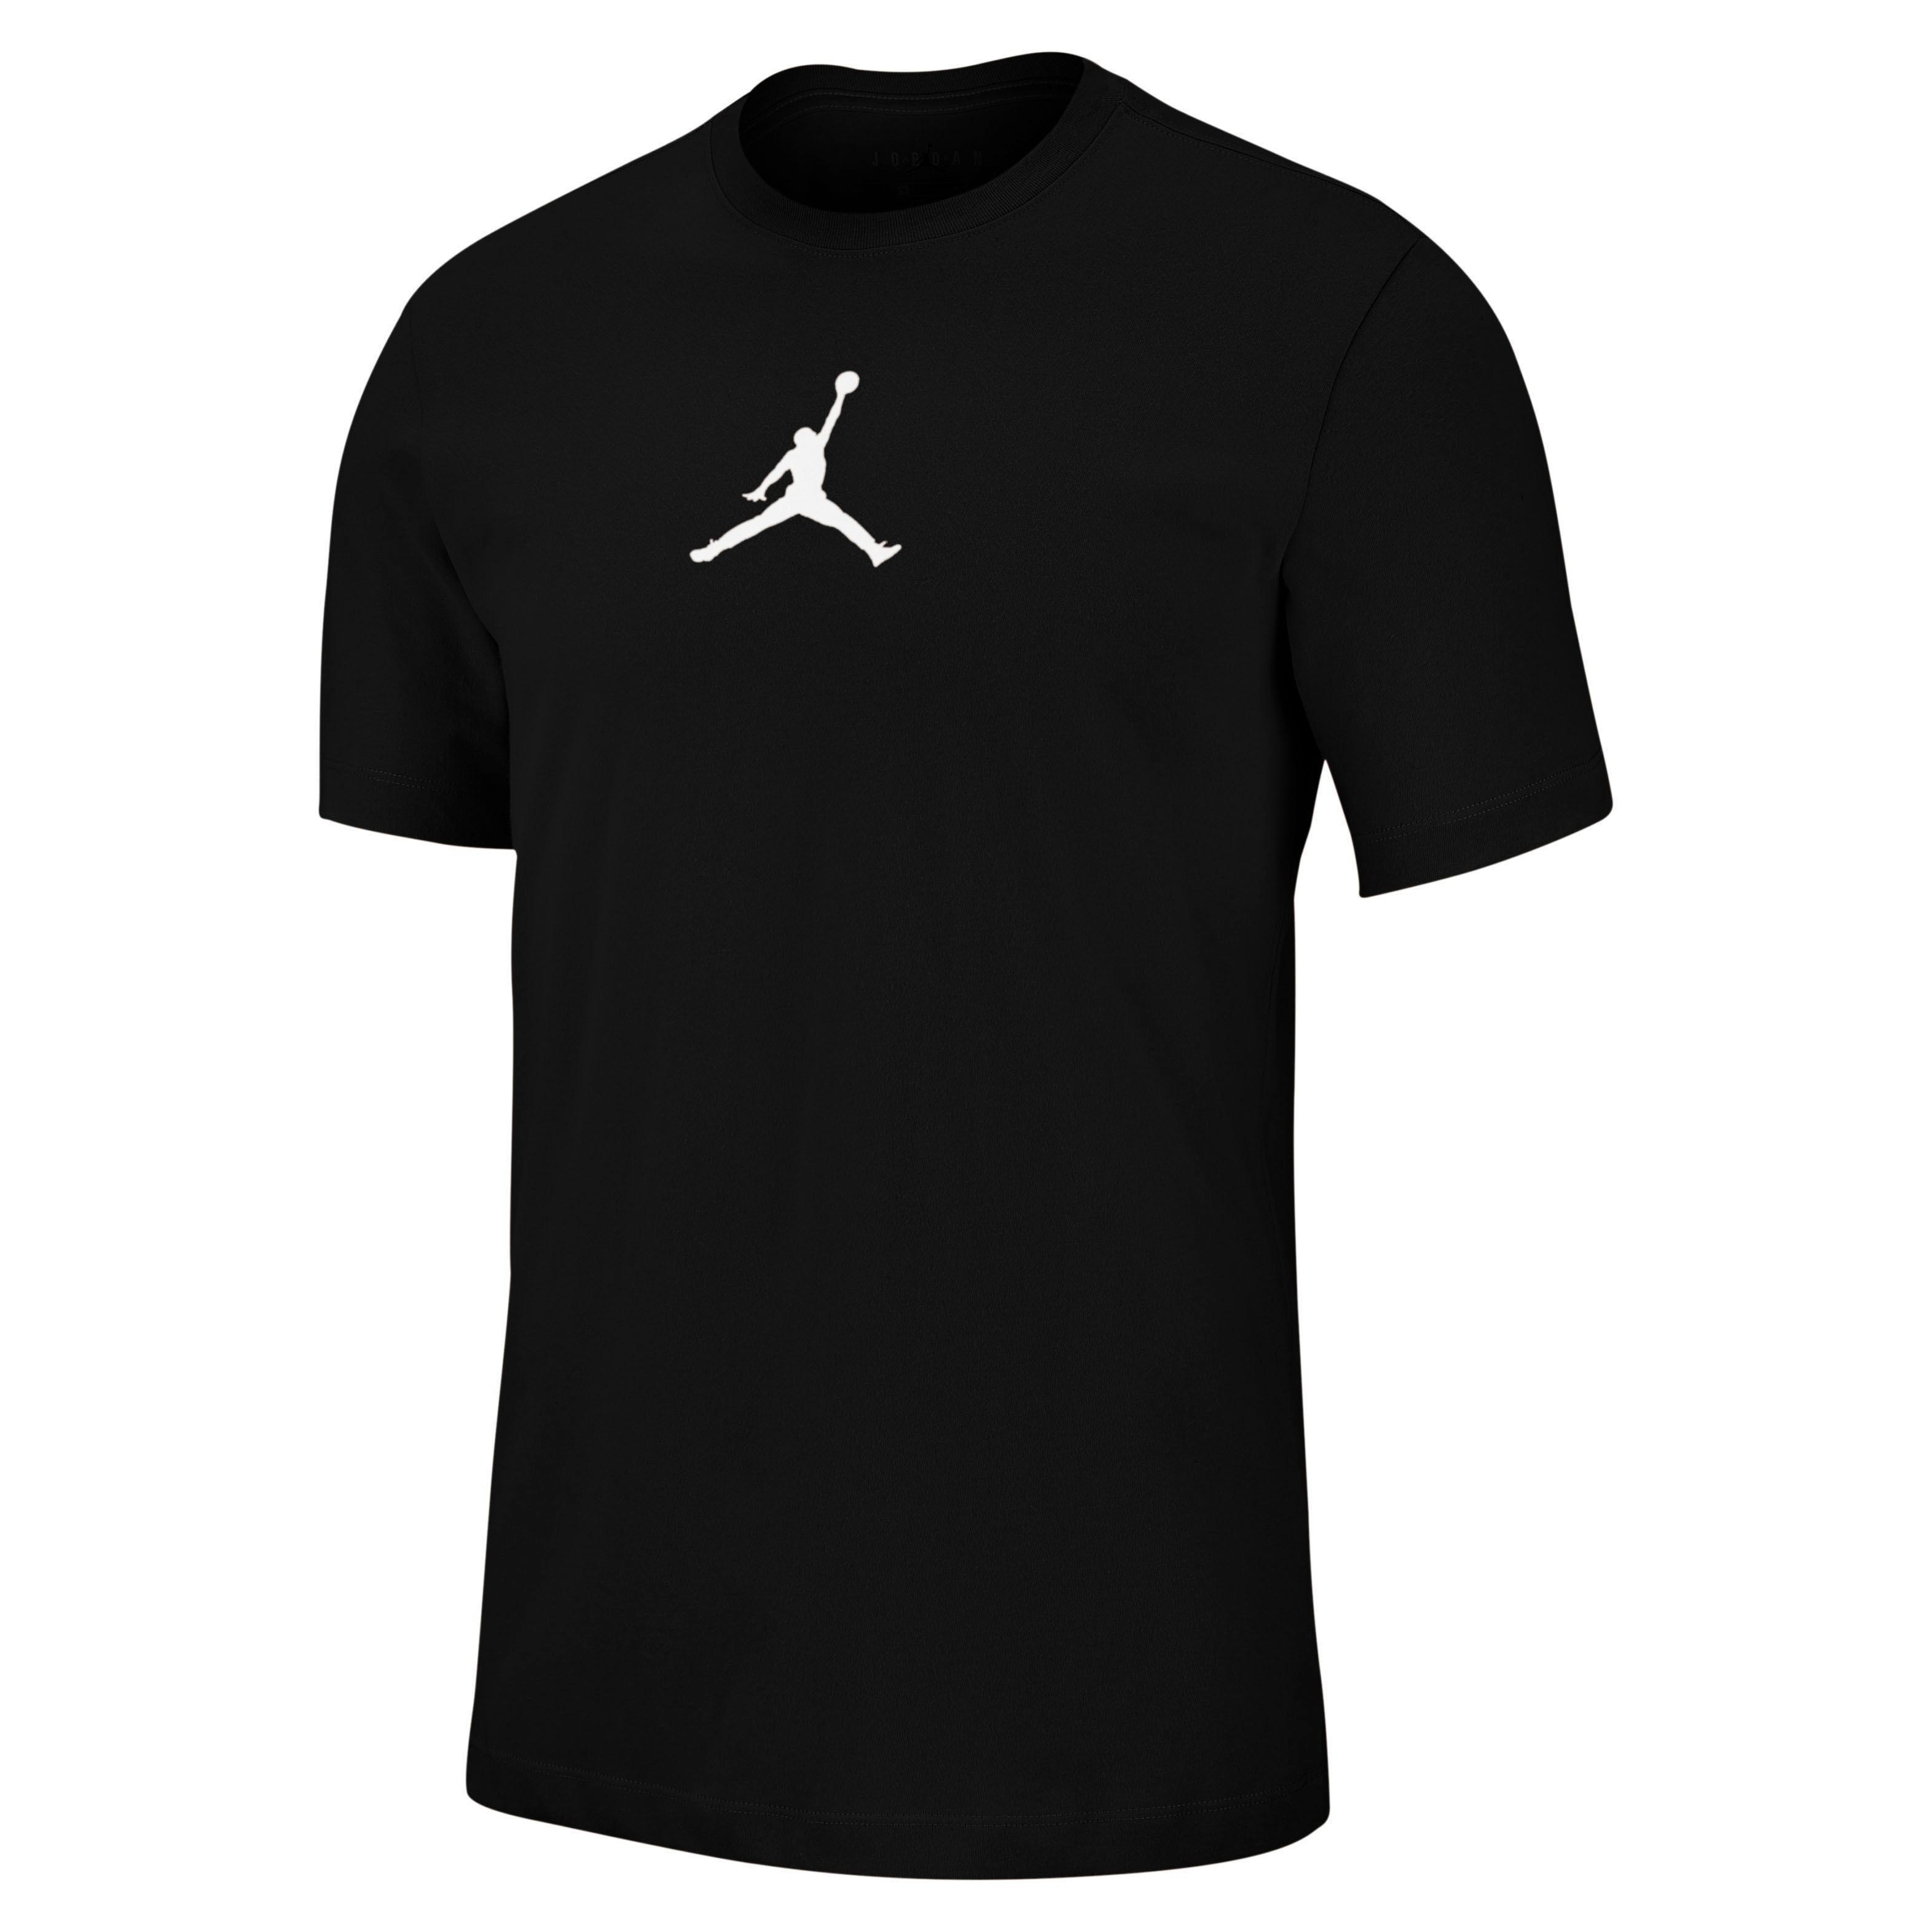 Jordan T-shirt bestellen: 14 dagen bedenktijd